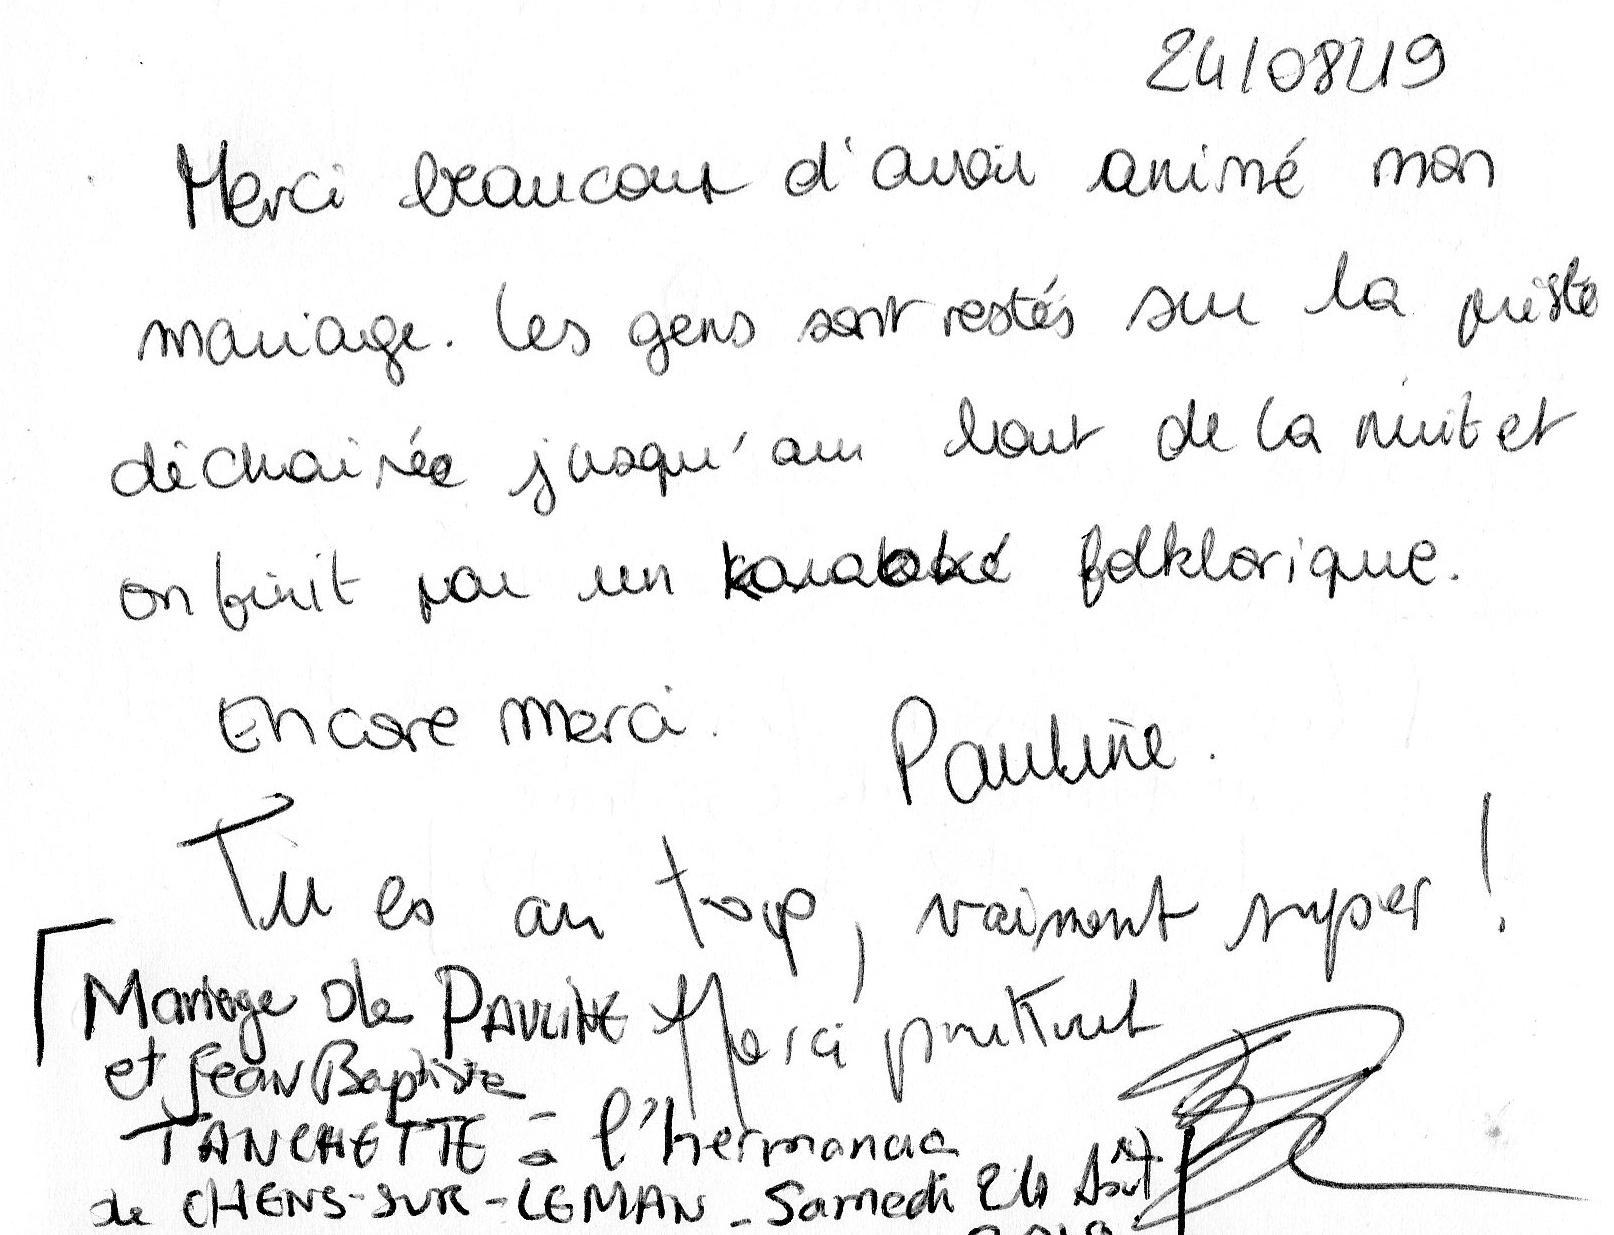 MARIAGE_de_PAULINE_&_JEAN_BAPTISTE_à_l_'